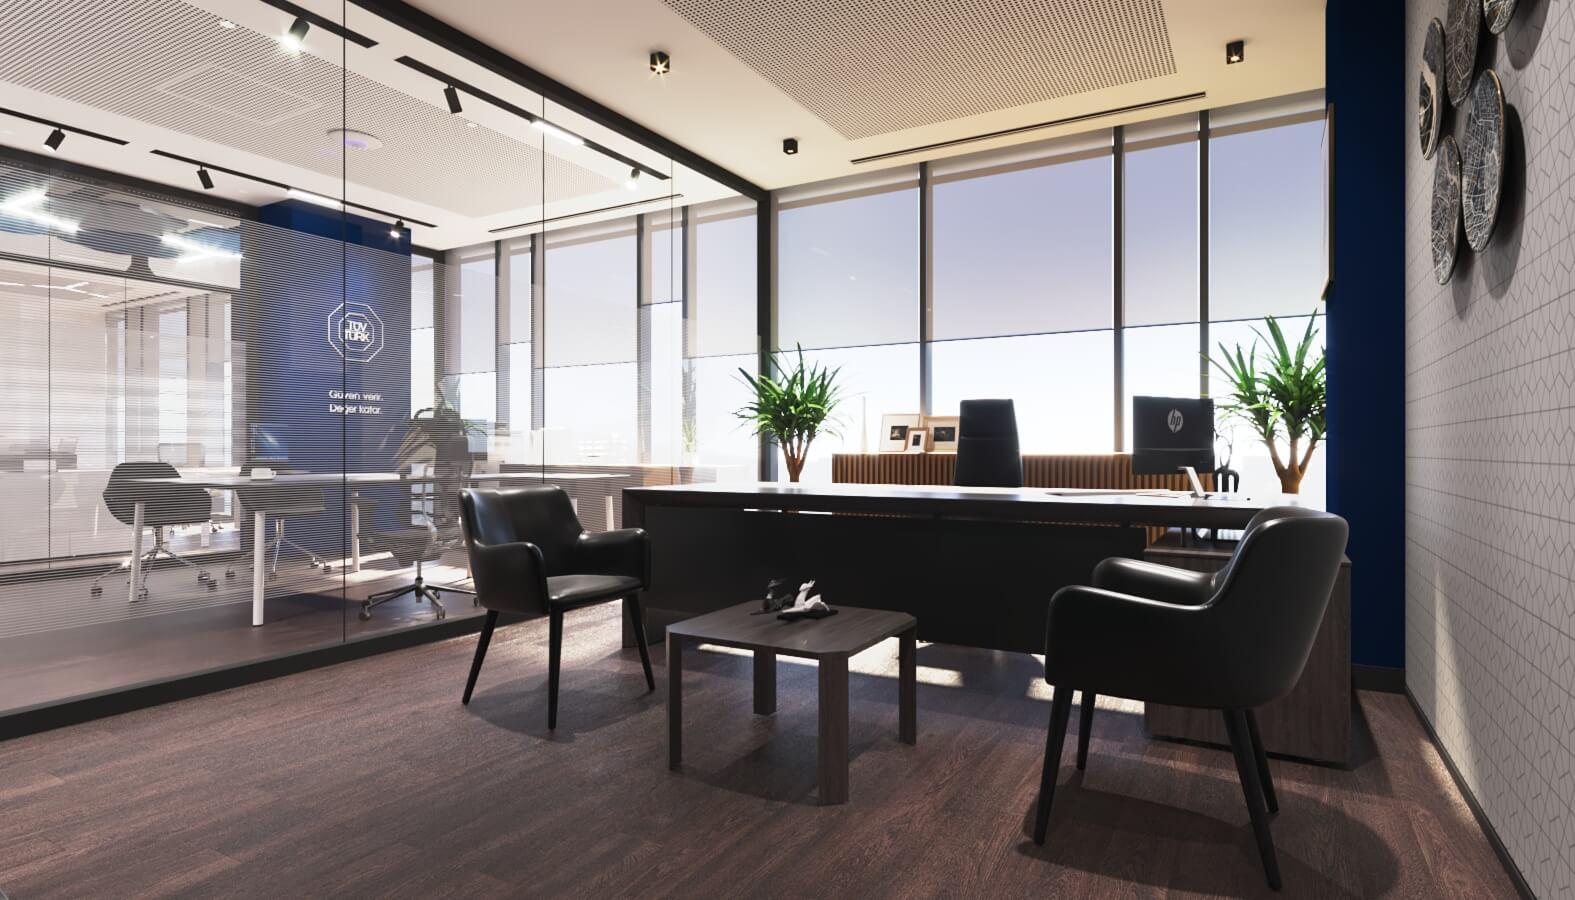 Tüvtürk Ankara Ofis, Ofisler